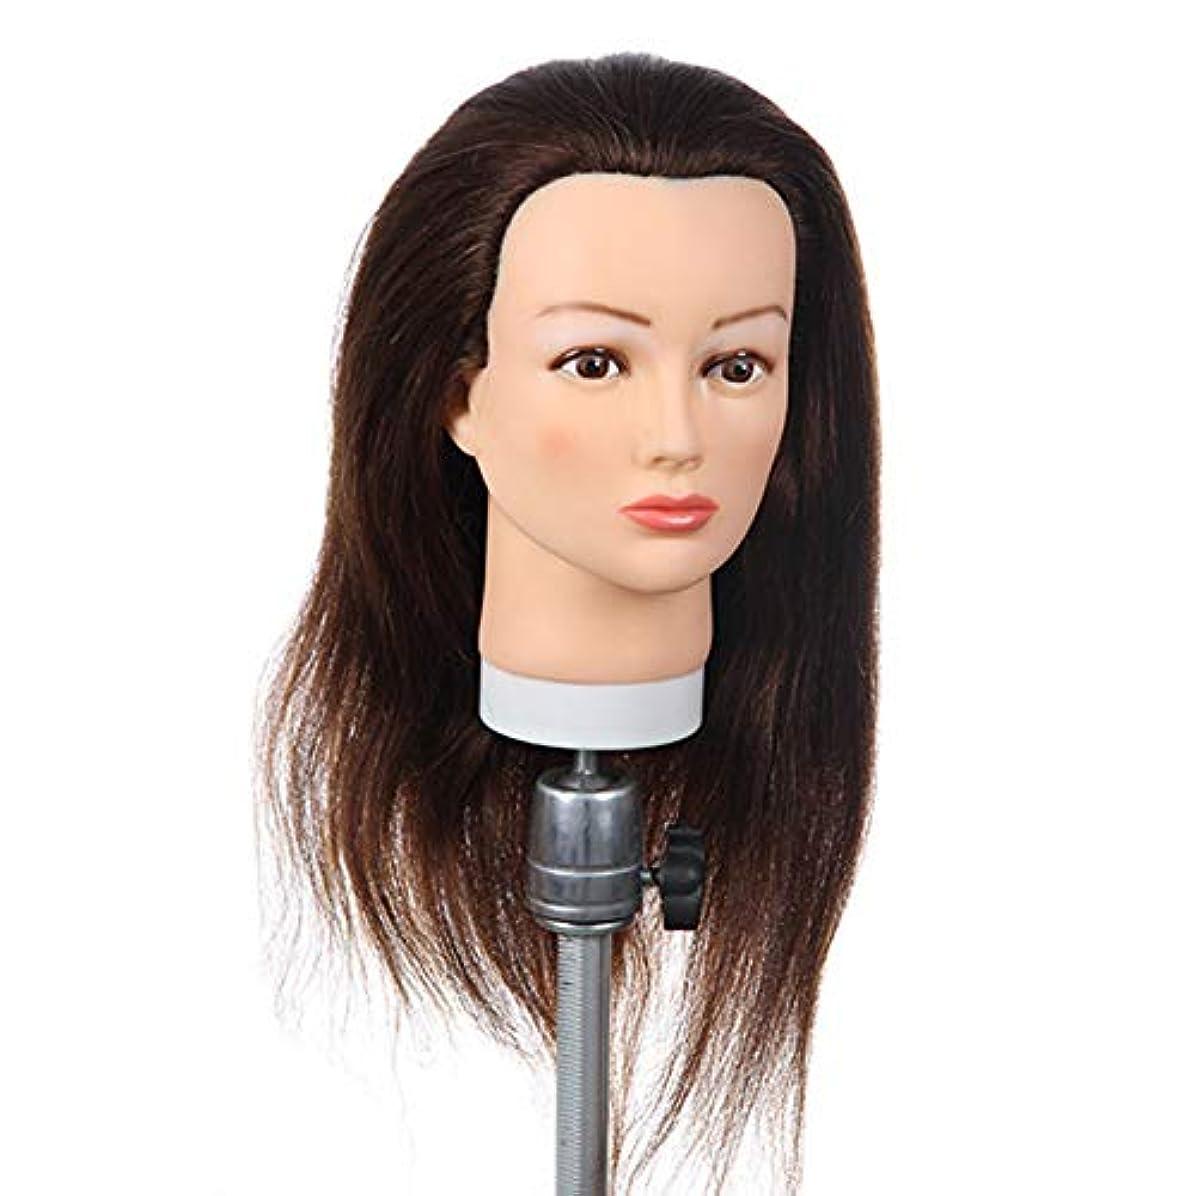 理髪店理髪練習ヘッドパーマ髪染め髪ダミーヘッド花嫁メイクスタイリング編組マネキンヘッド